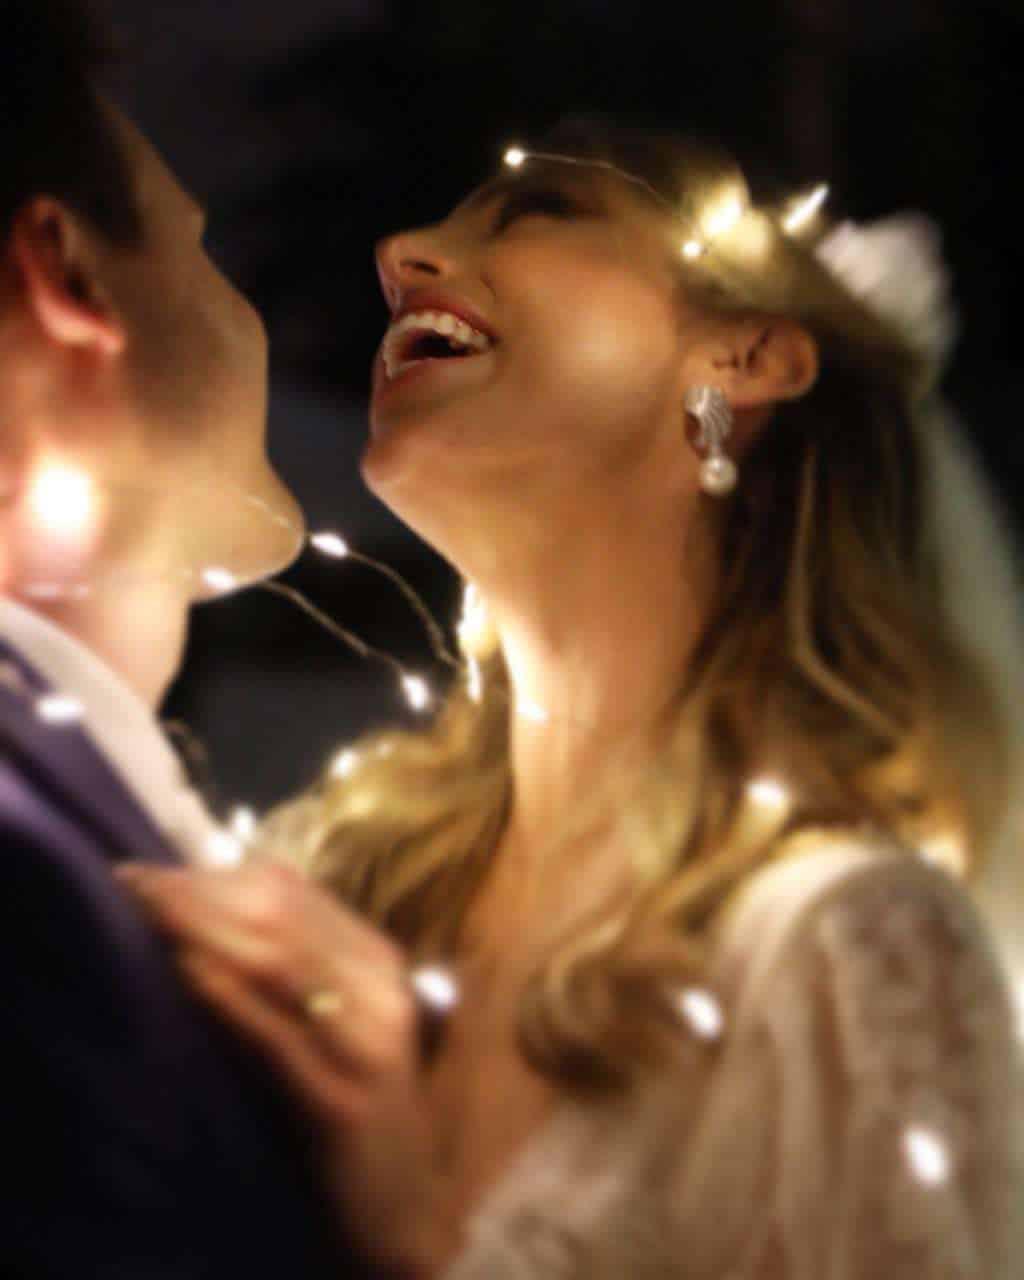 casamento-casamento-de-dia-Cissa-Sannomiya-Clube-Hipico-de-Santo-Amaro-festa-marina-e-josé-Miguel-Kanashiro-noivos-casamento-52